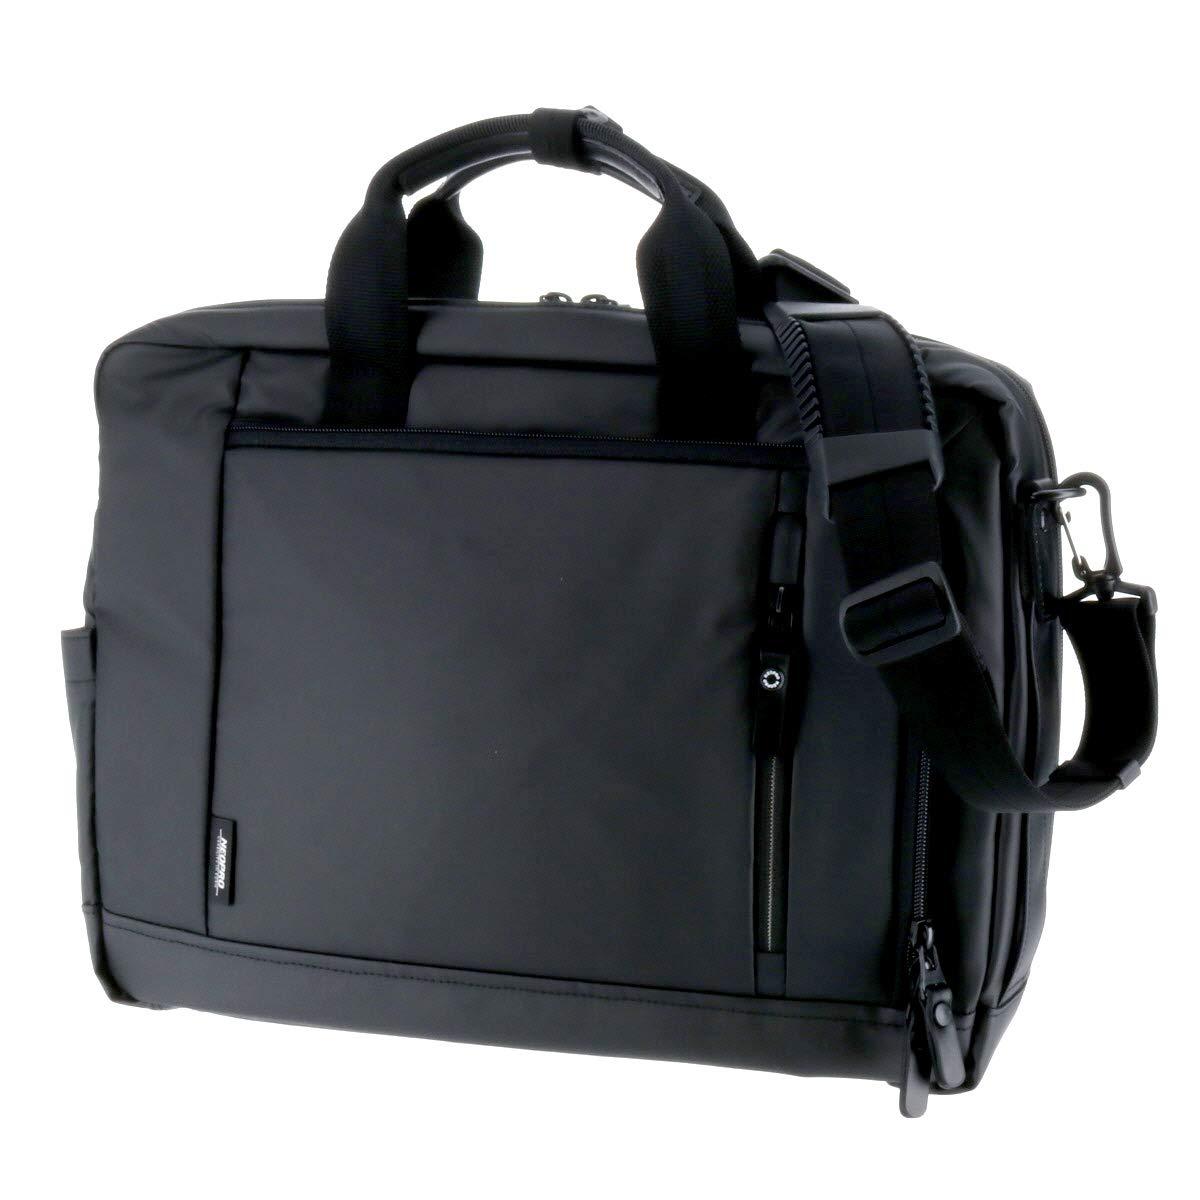 (ネオプロ) NEOPRO 3wayブリーフケース ビジネスバッグ ショルダーバッグ リュックサック B07MX12Z3L ブラック